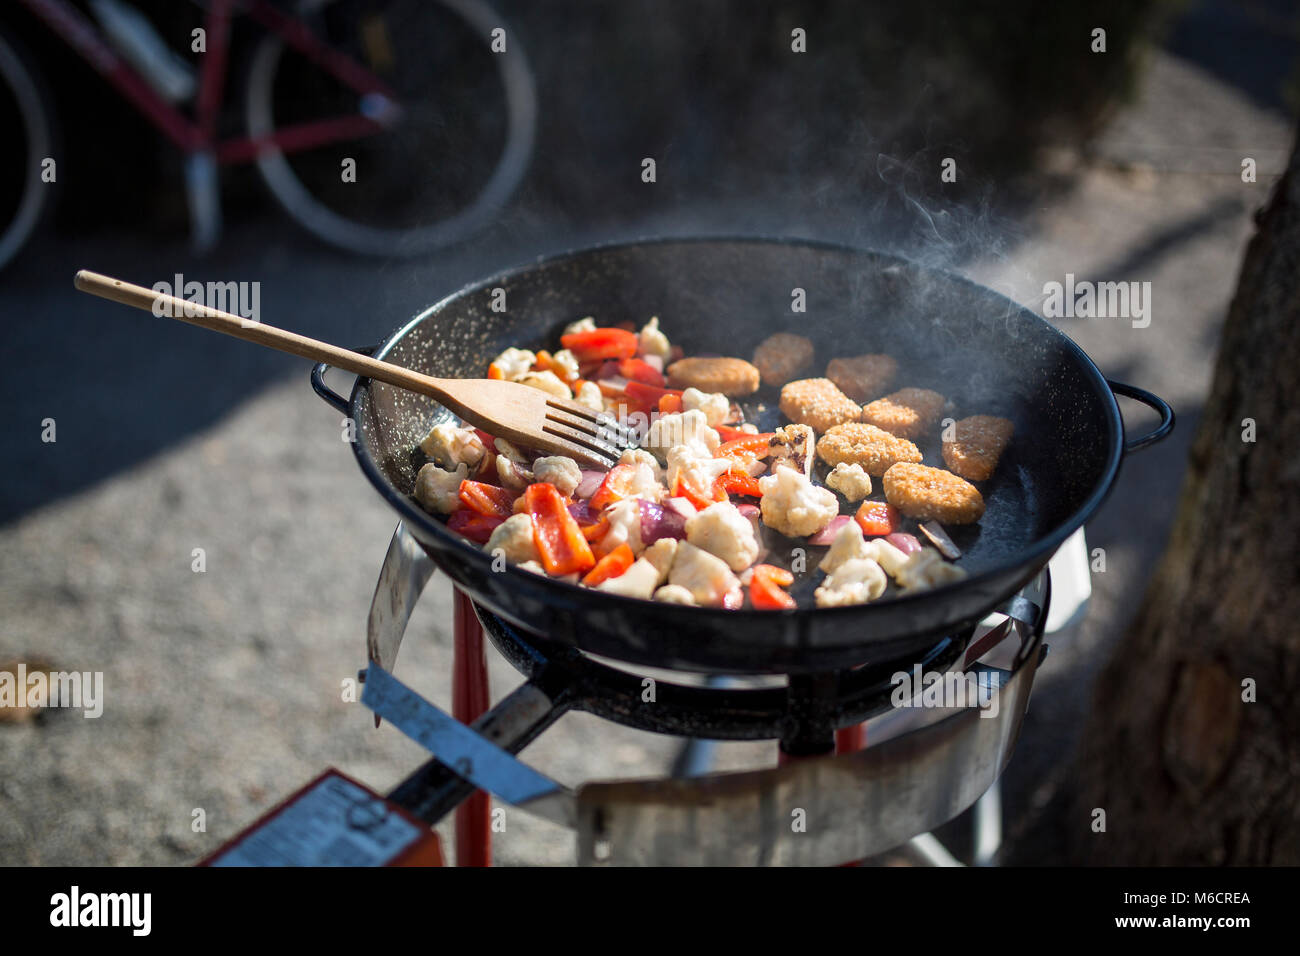 Il cibo in un recipiente per la cottura all'aperto. Immagini Stock